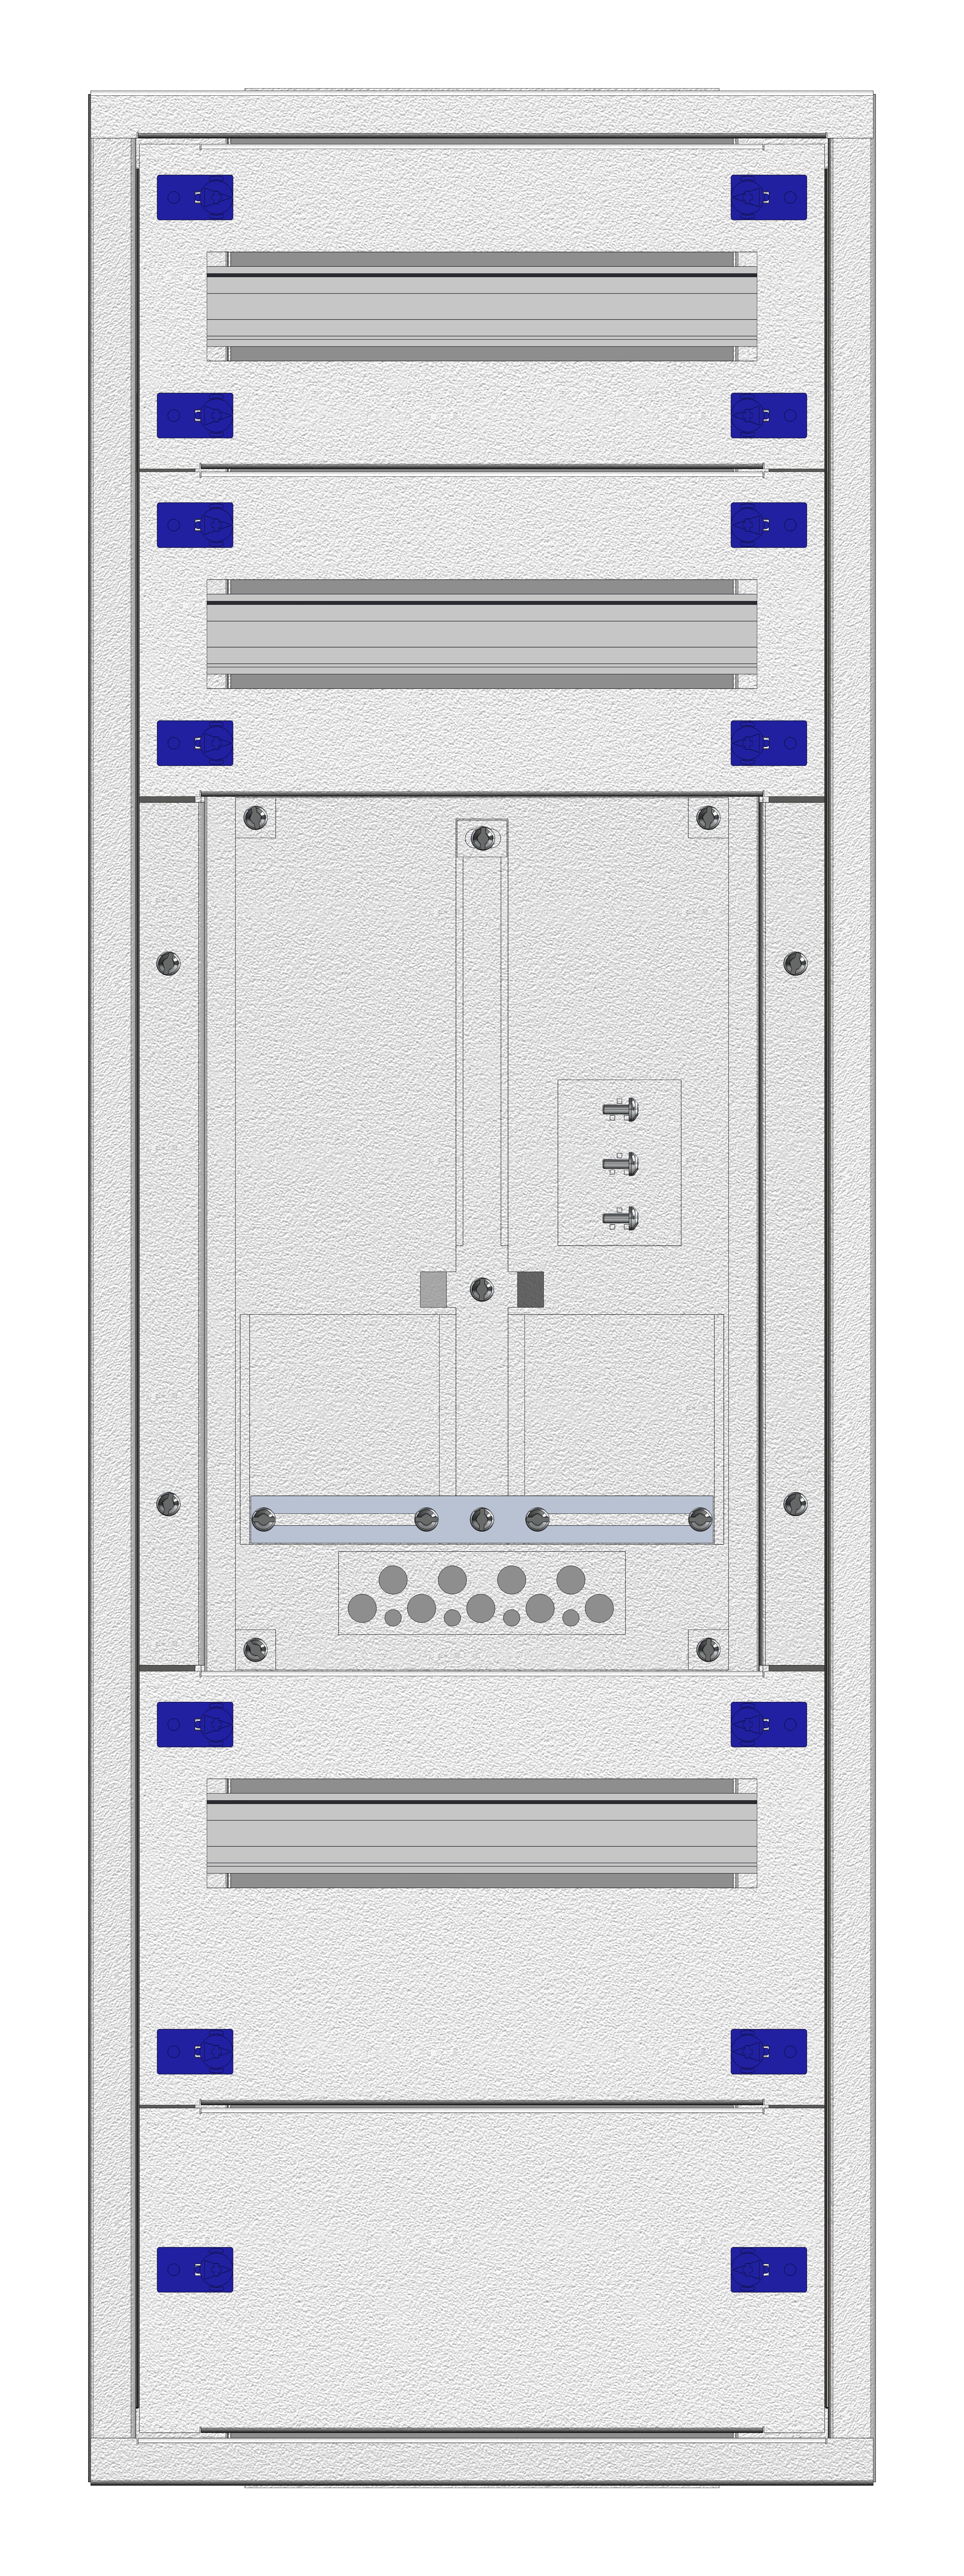 1 Stk Aufputz-Zählerverteiler 1A-21E/WIEN 1ZP, H1055B380T250mm IL160121WS